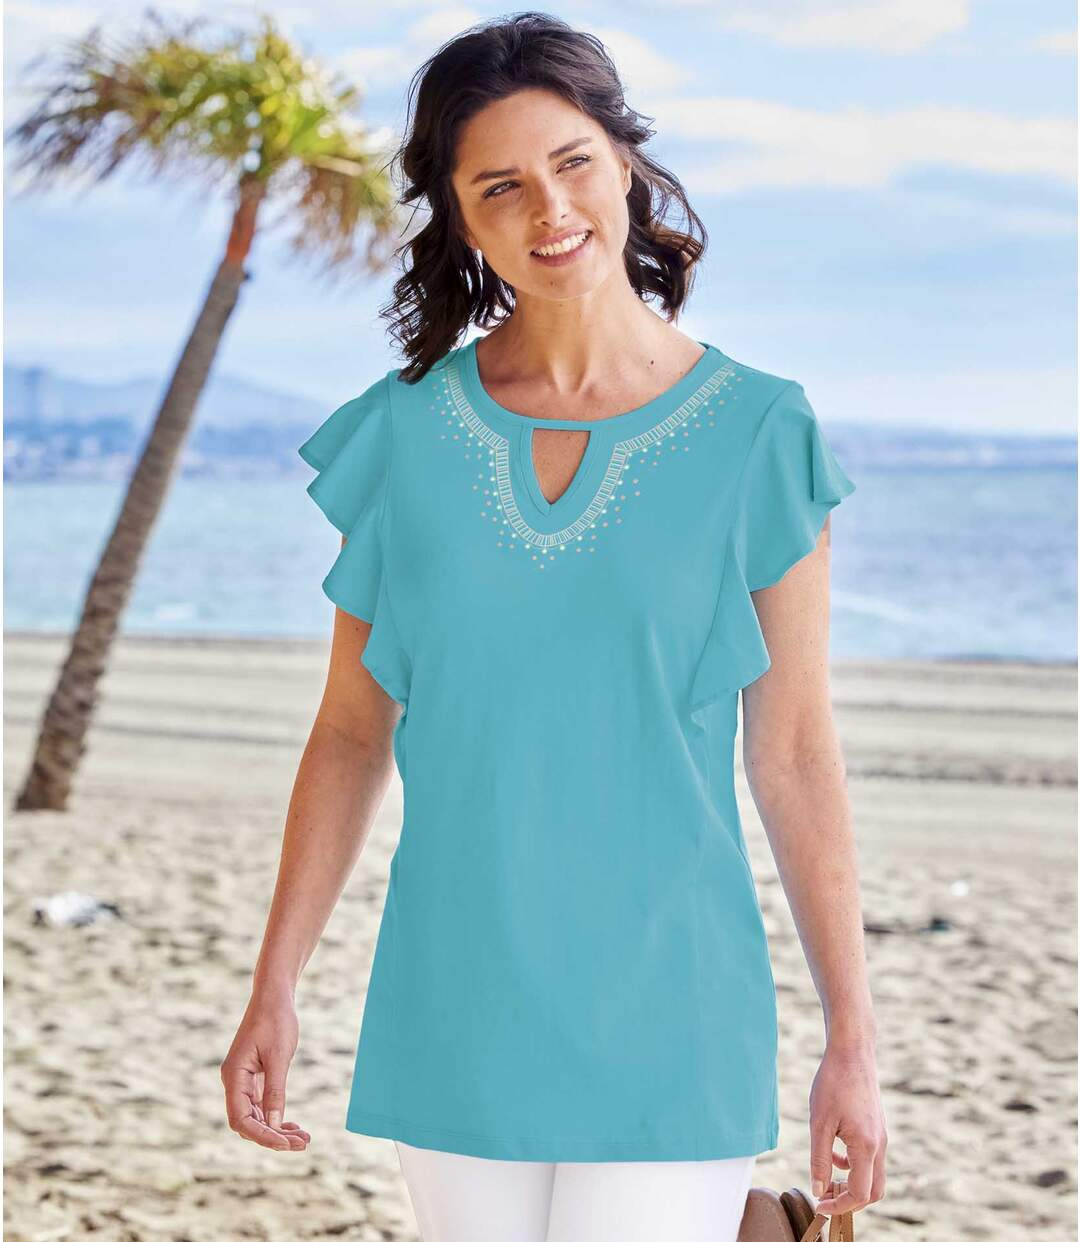 Women's Turquoise T-Shirt Atlas For Men